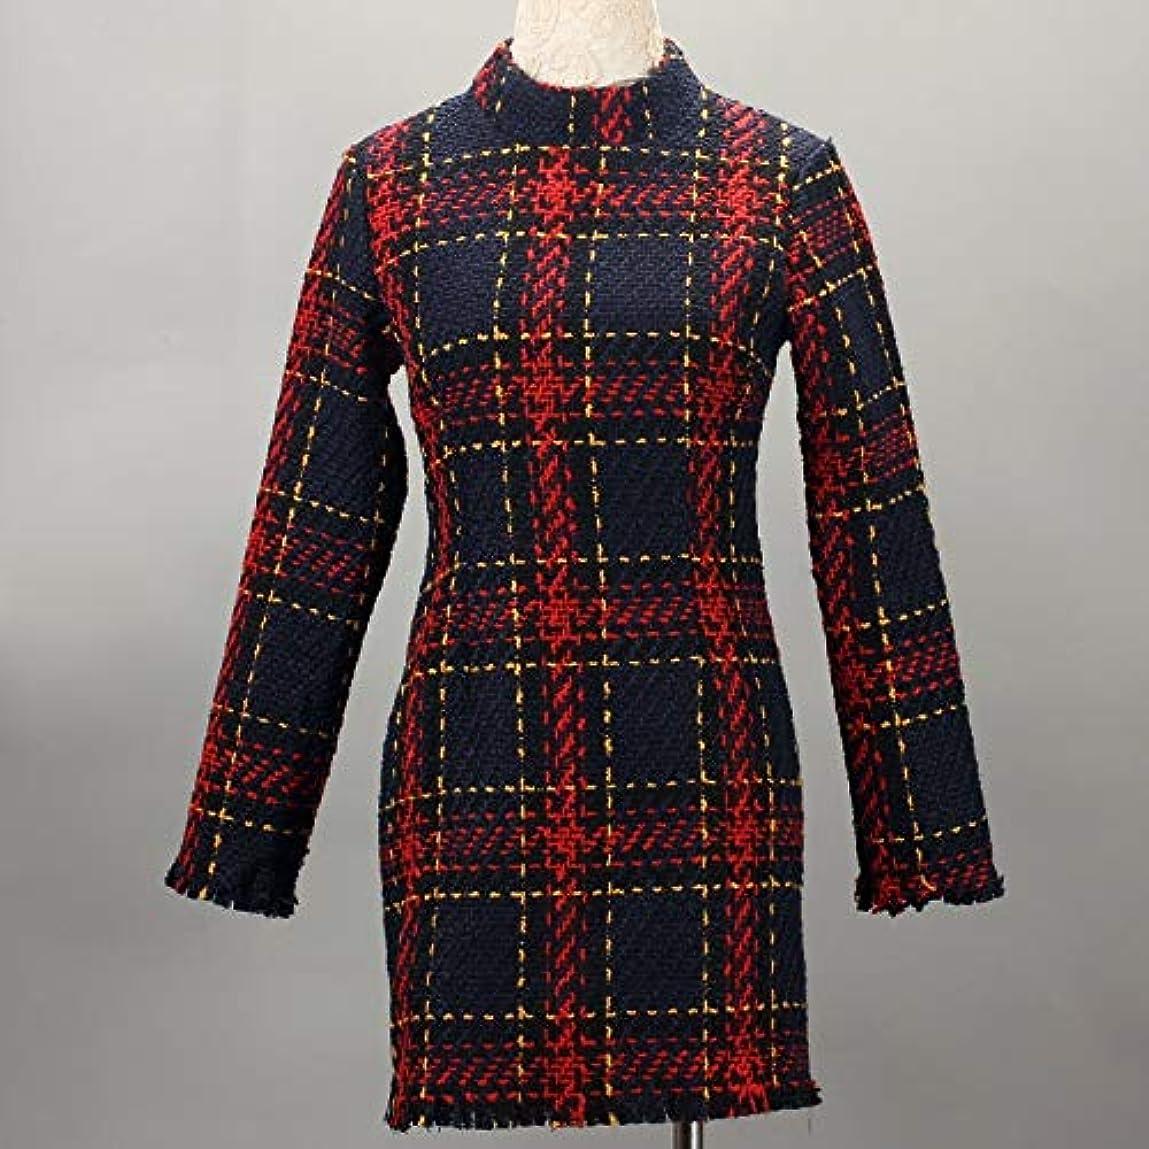 思いつく荒れ地ラバOnderroa - ファッション冬のドレスの女性は、ストライプ長袖スリムスキニーセクシーなミニボディコンヴィンテージvestidosドレスの女性を印刷PLAID